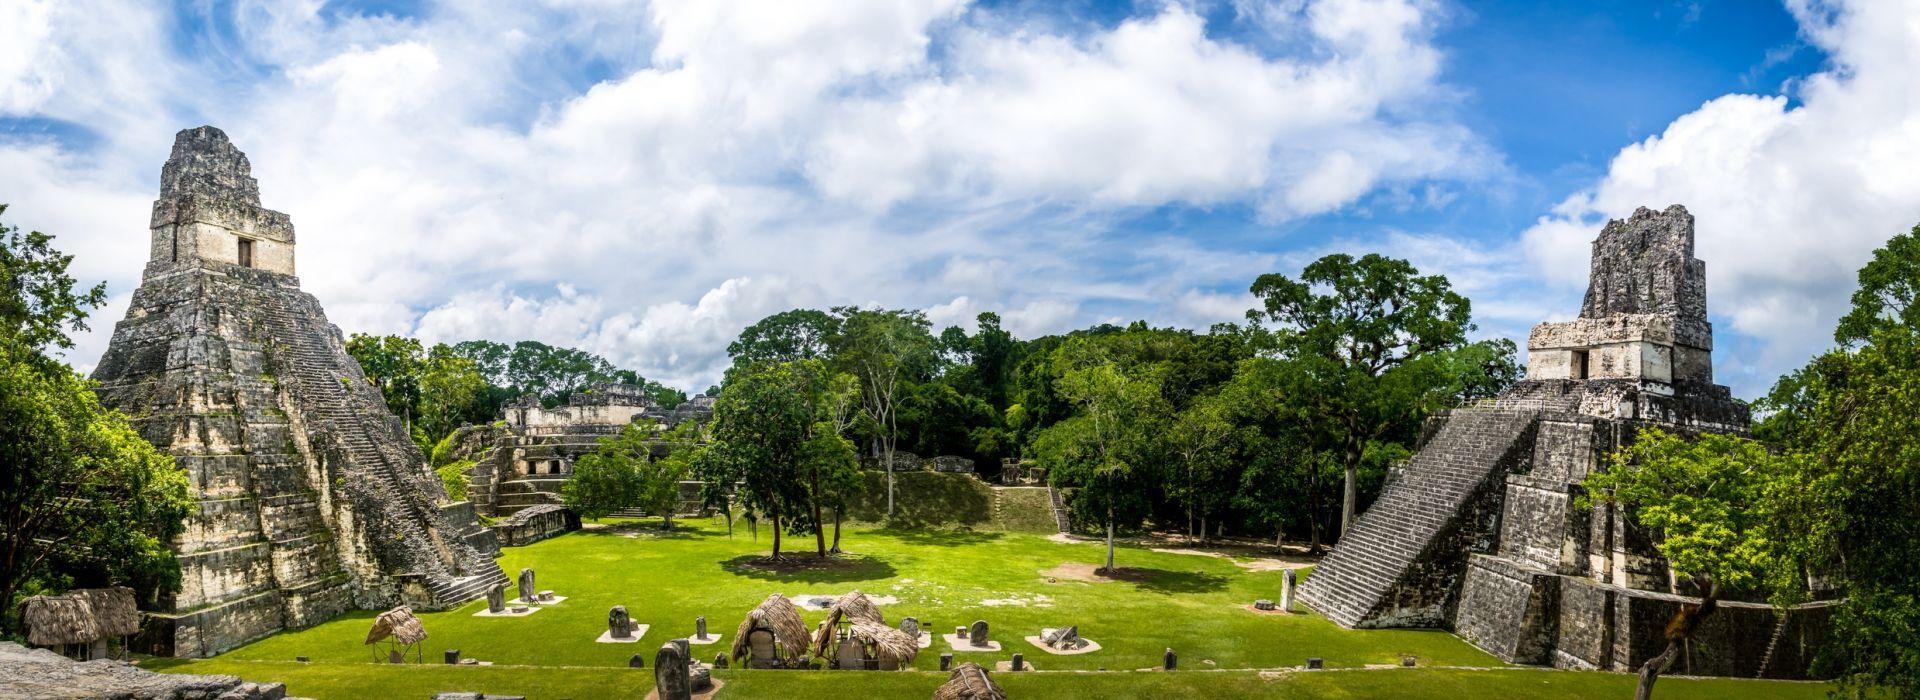 Guatemala City Tours